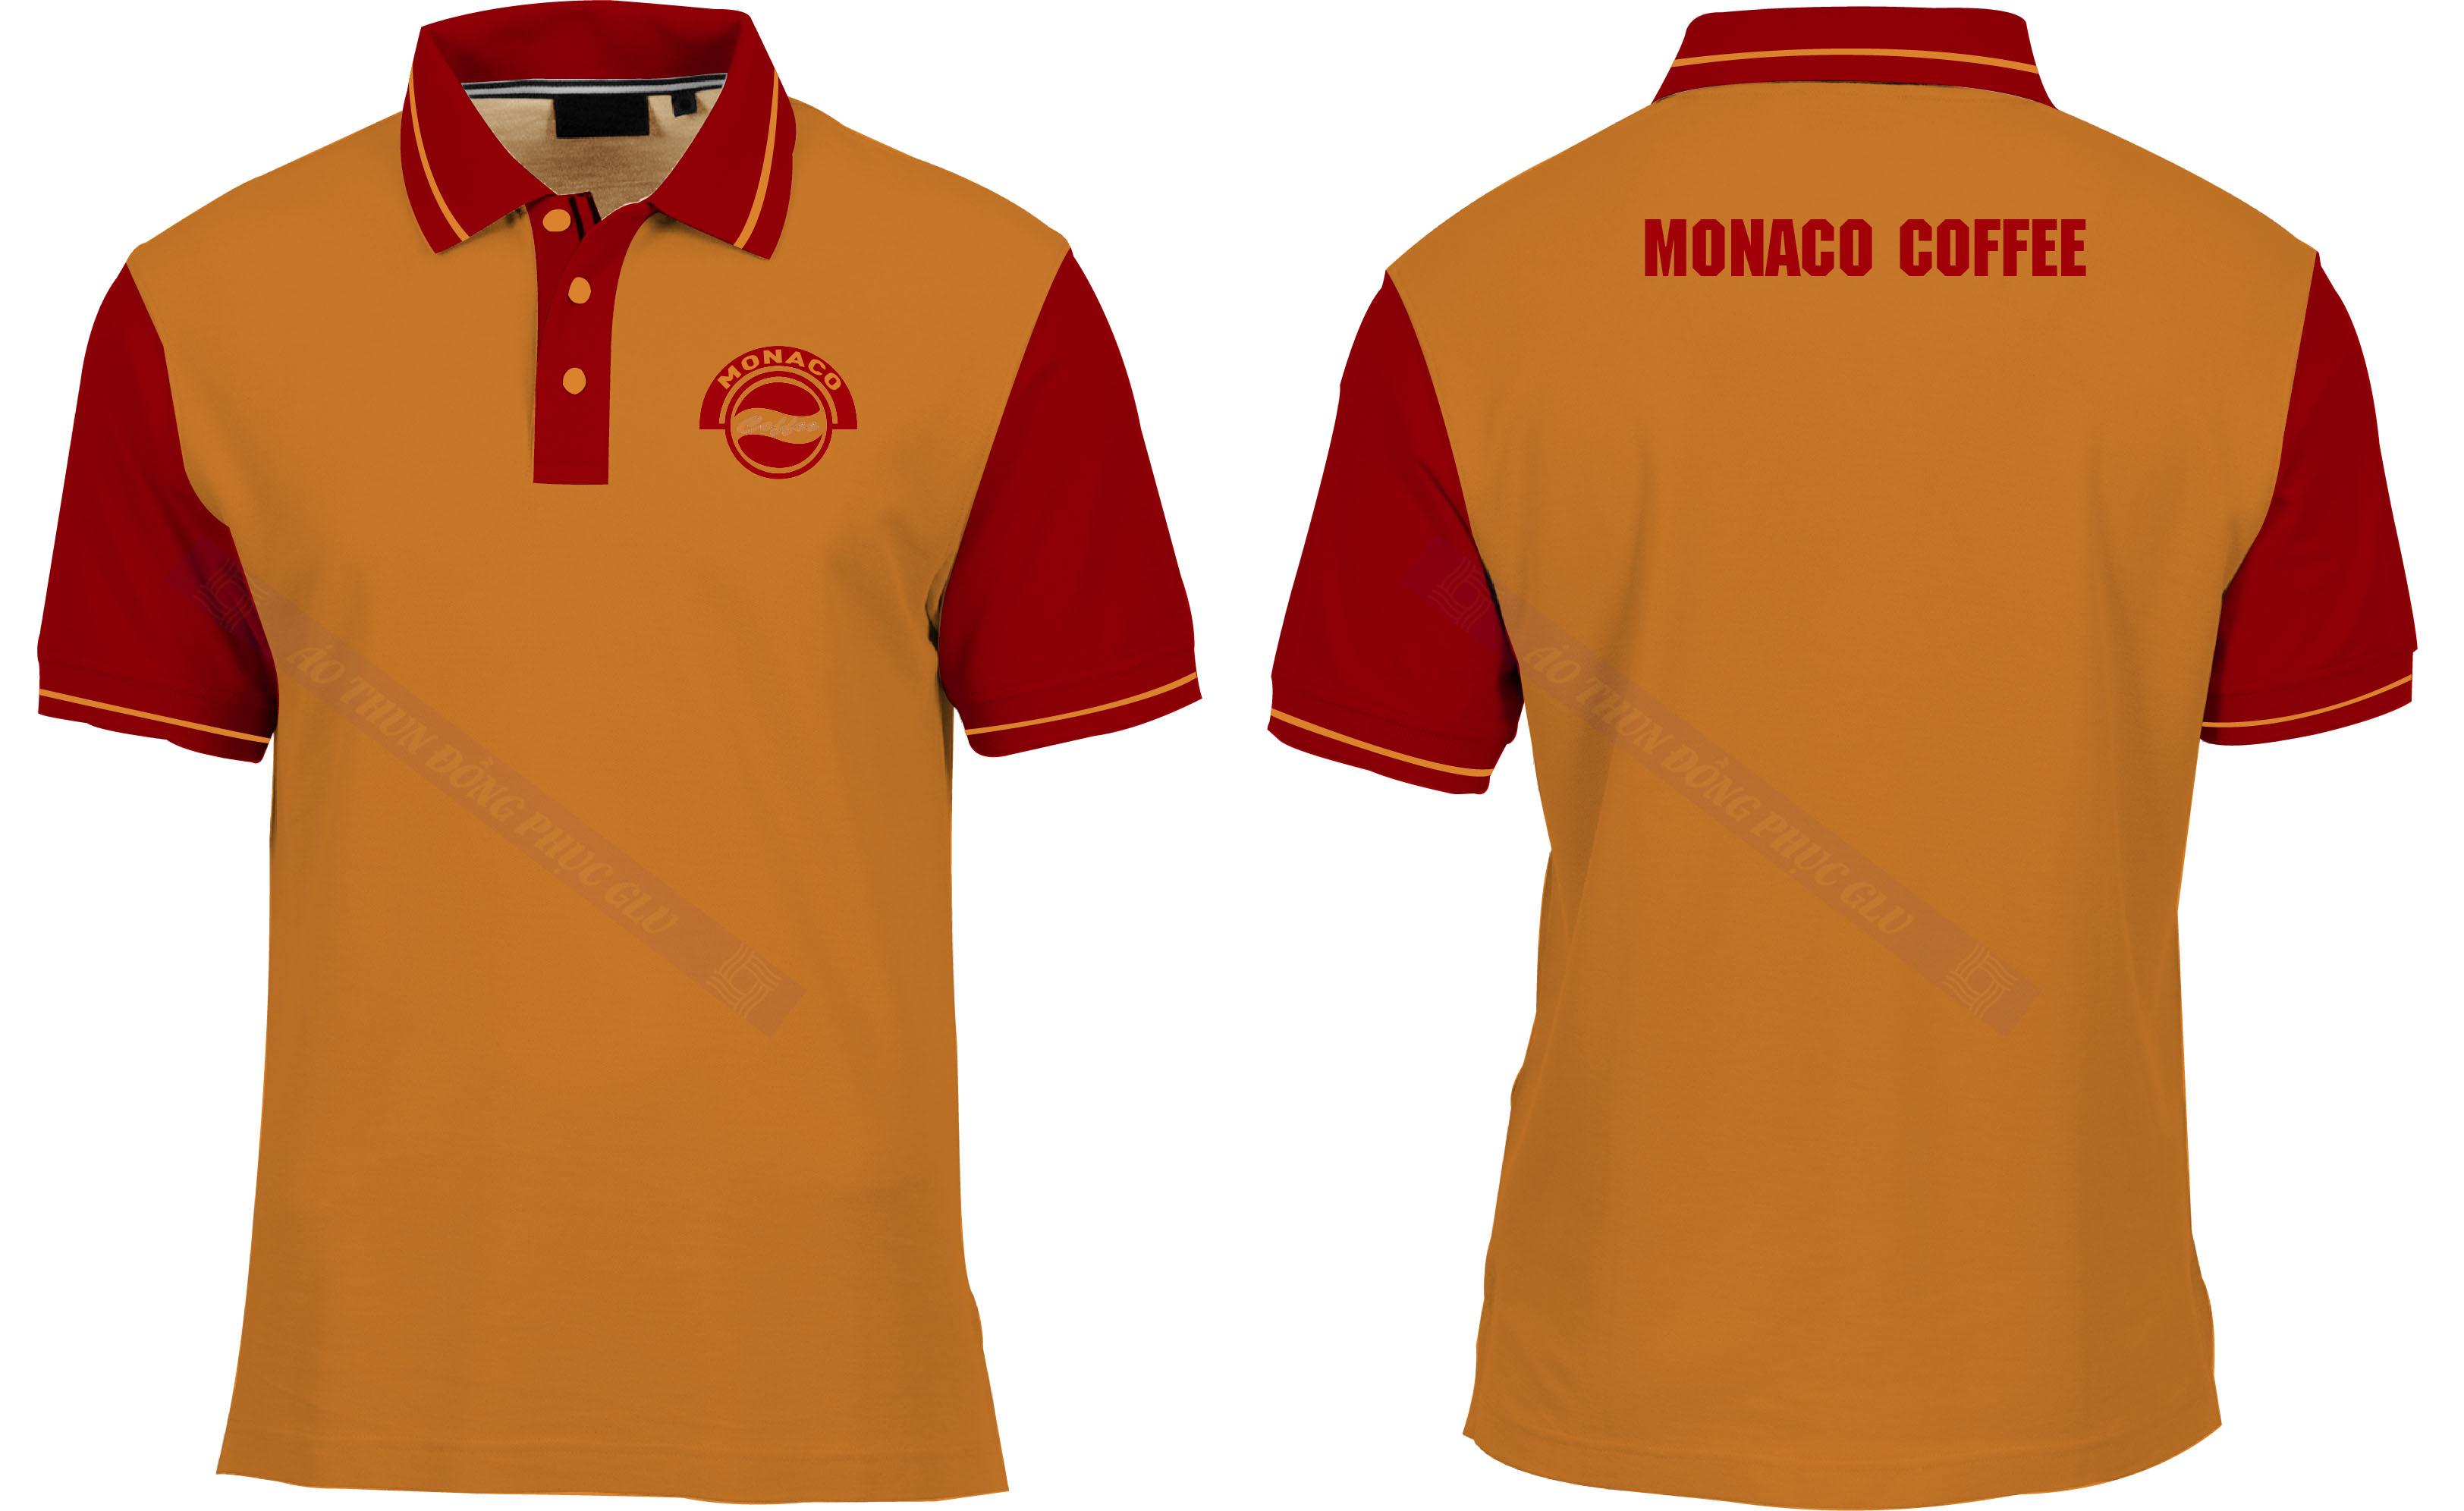 AO MONACO COFFEE áo thun đồng phục đẹp